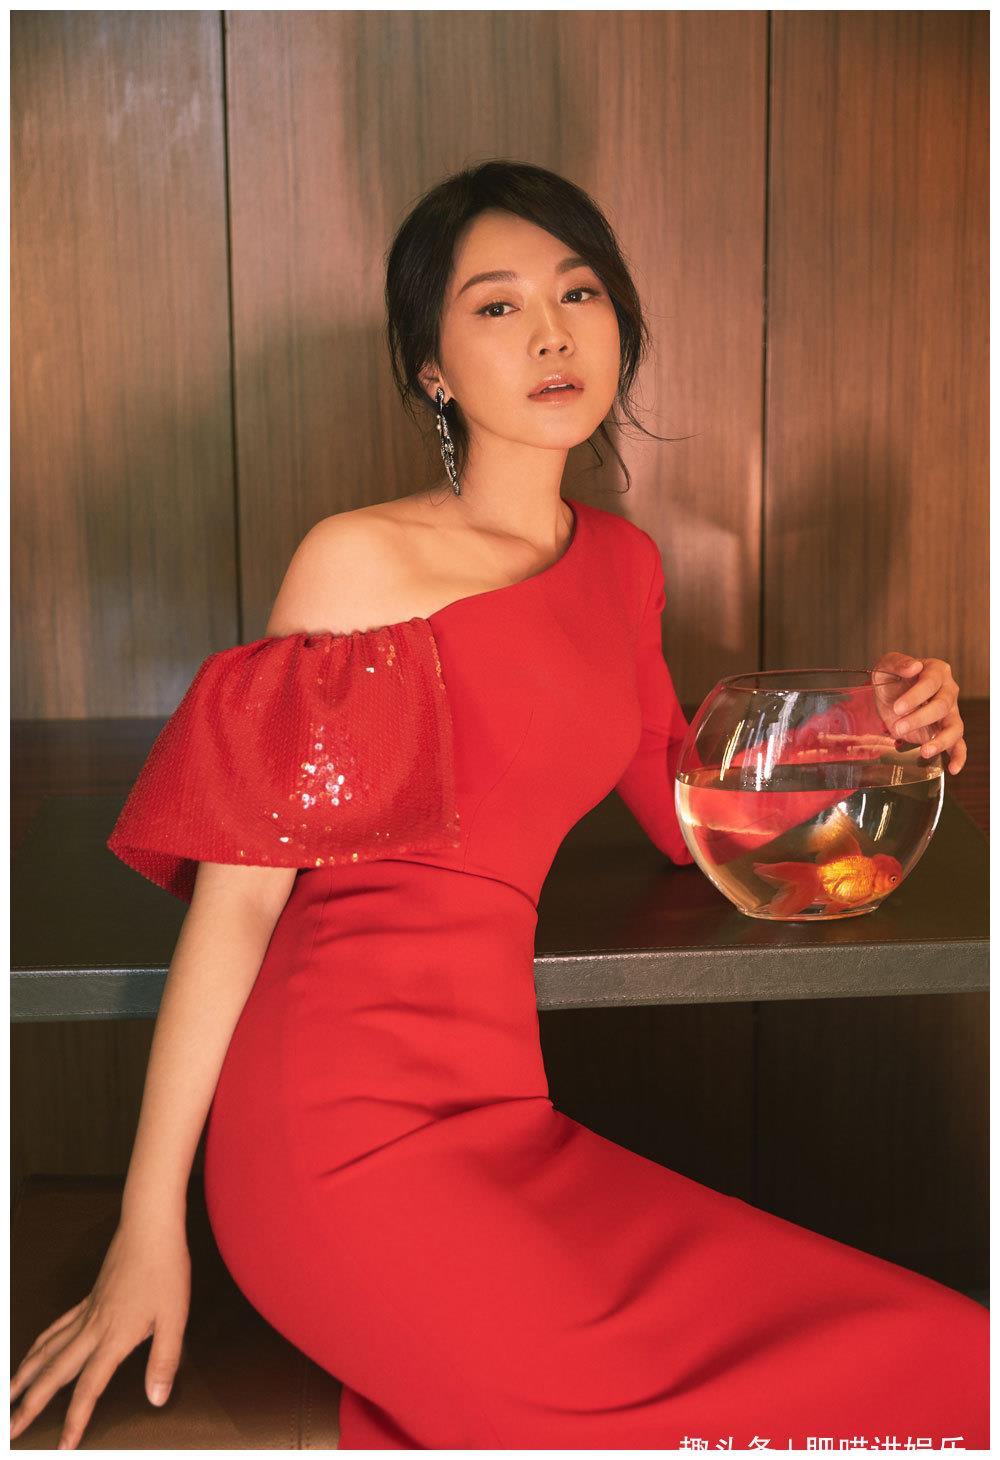 闫妮亮相第25届上海电视节 红裙摇曳温婉可人 网友:少女妮